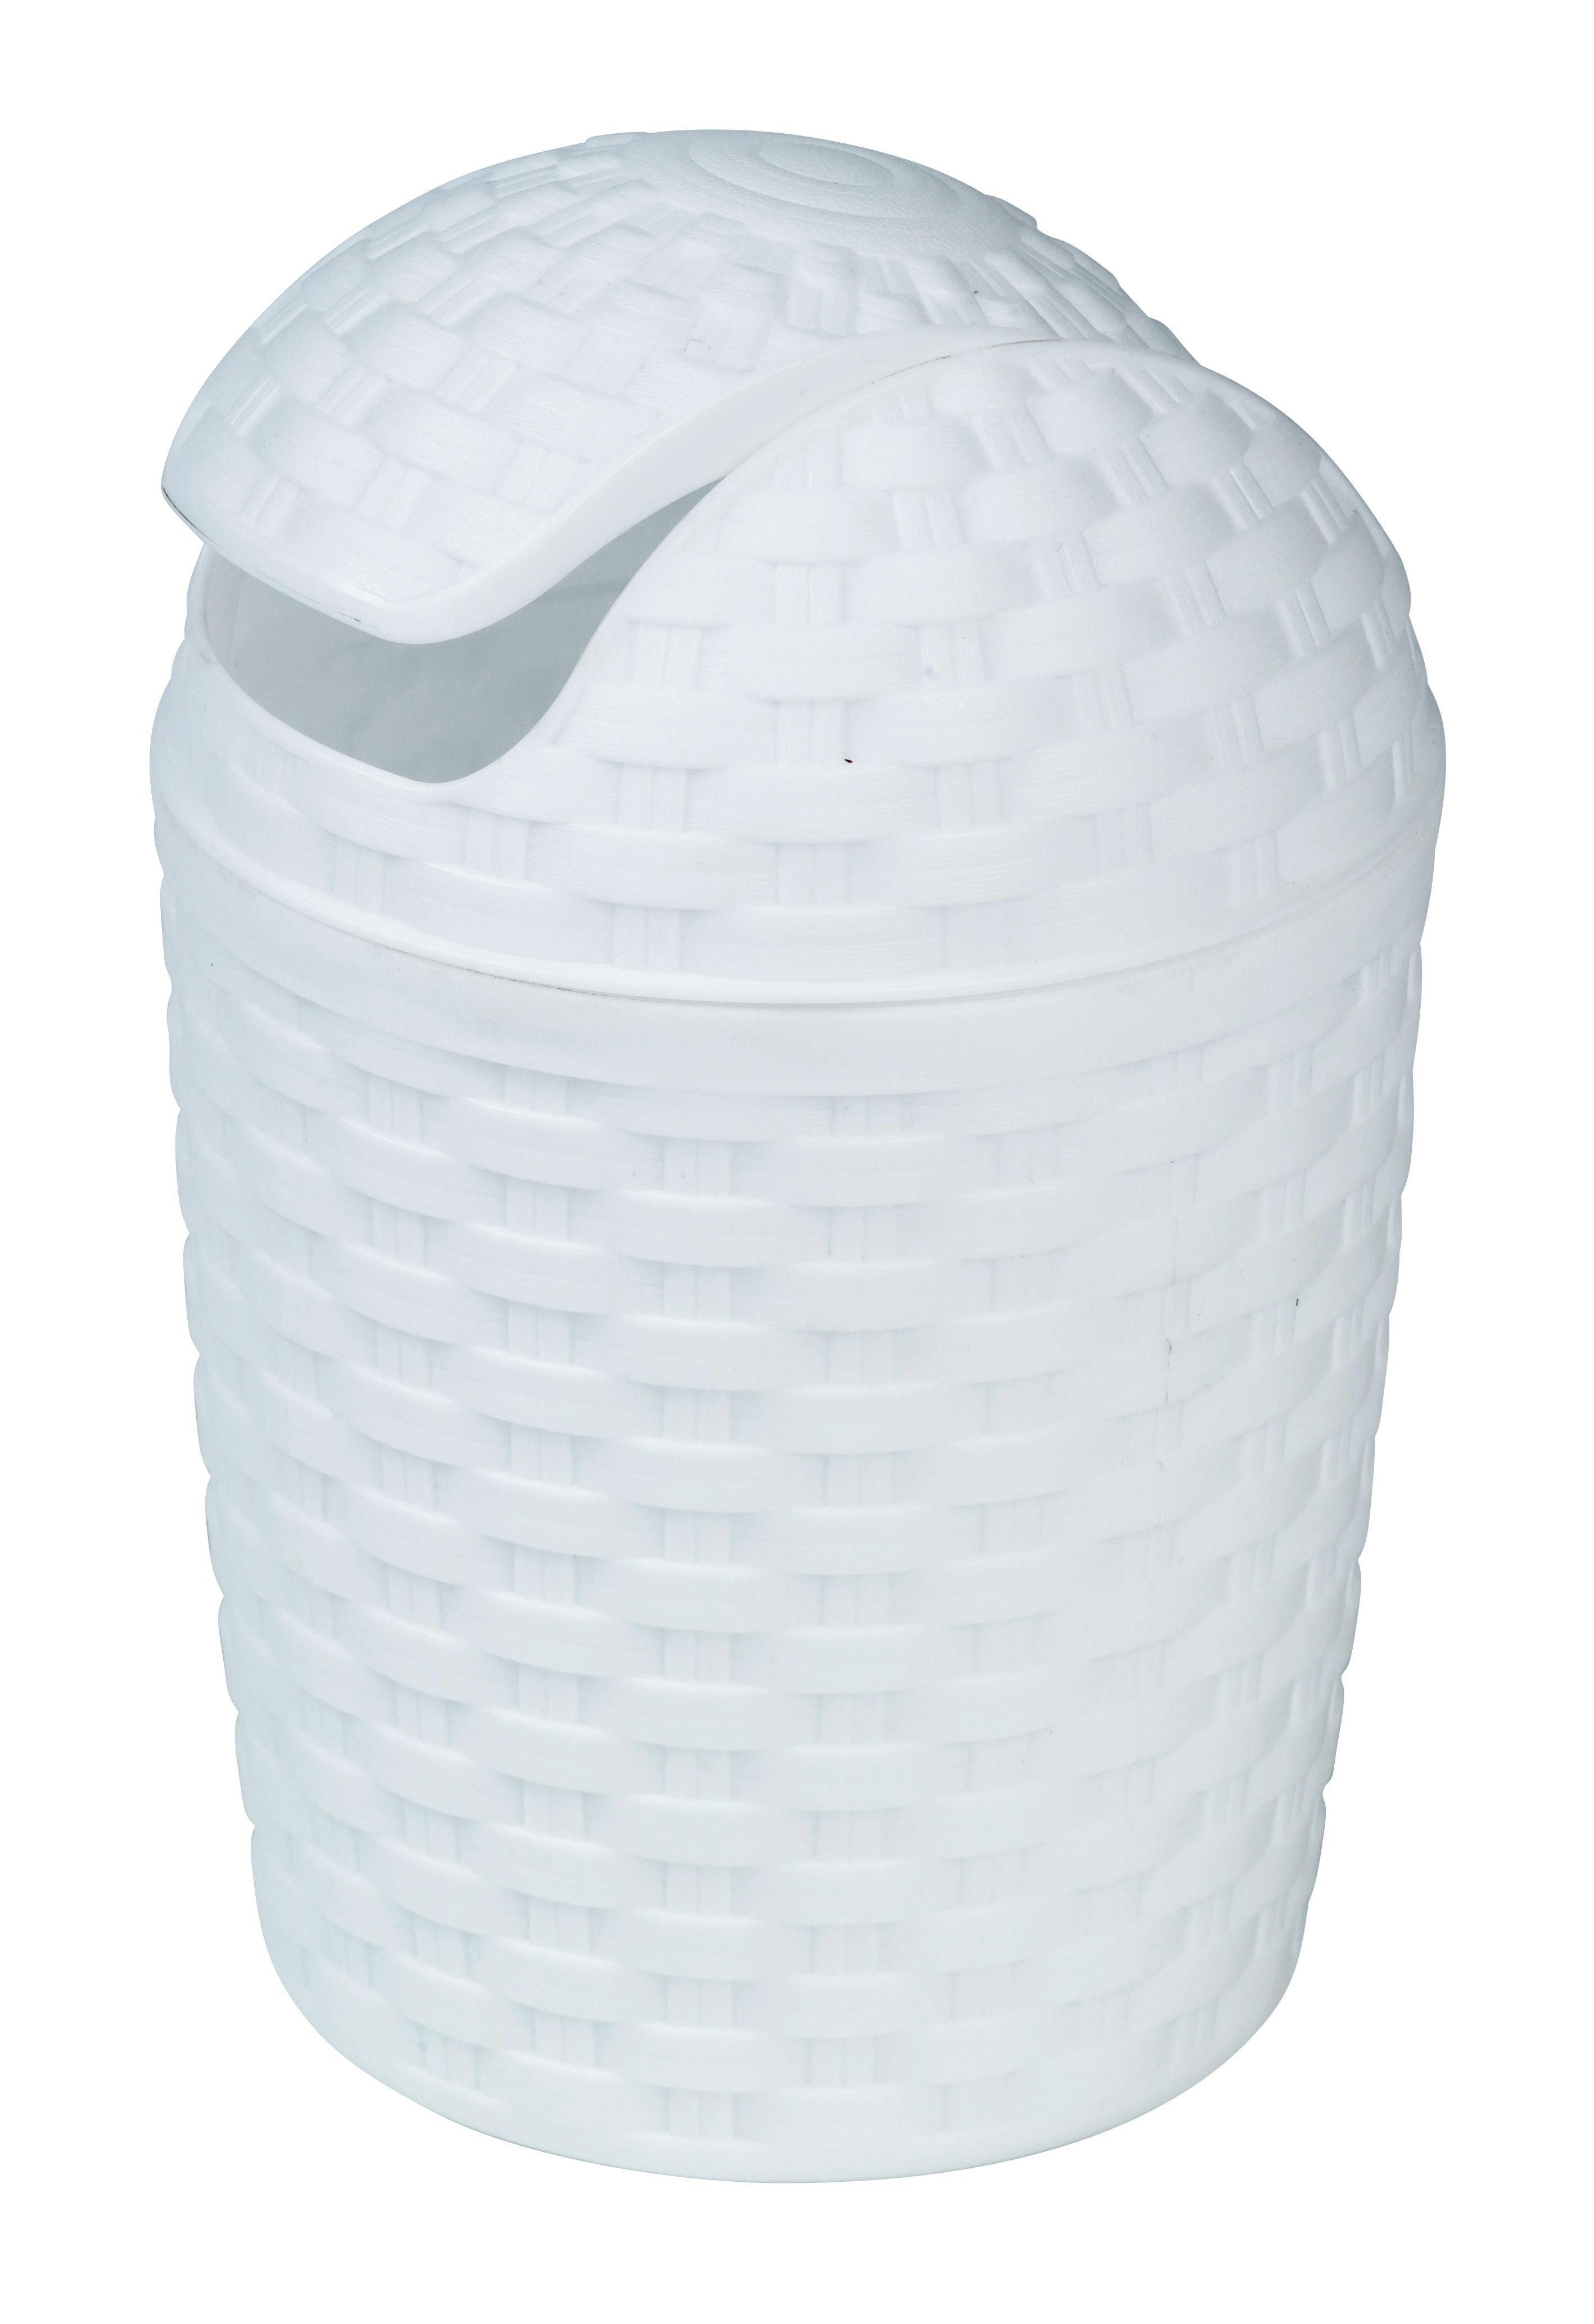 PAPPERSKORG MED VIPPLOCK - vit, Basics, plast (5,0l) - Plast 1